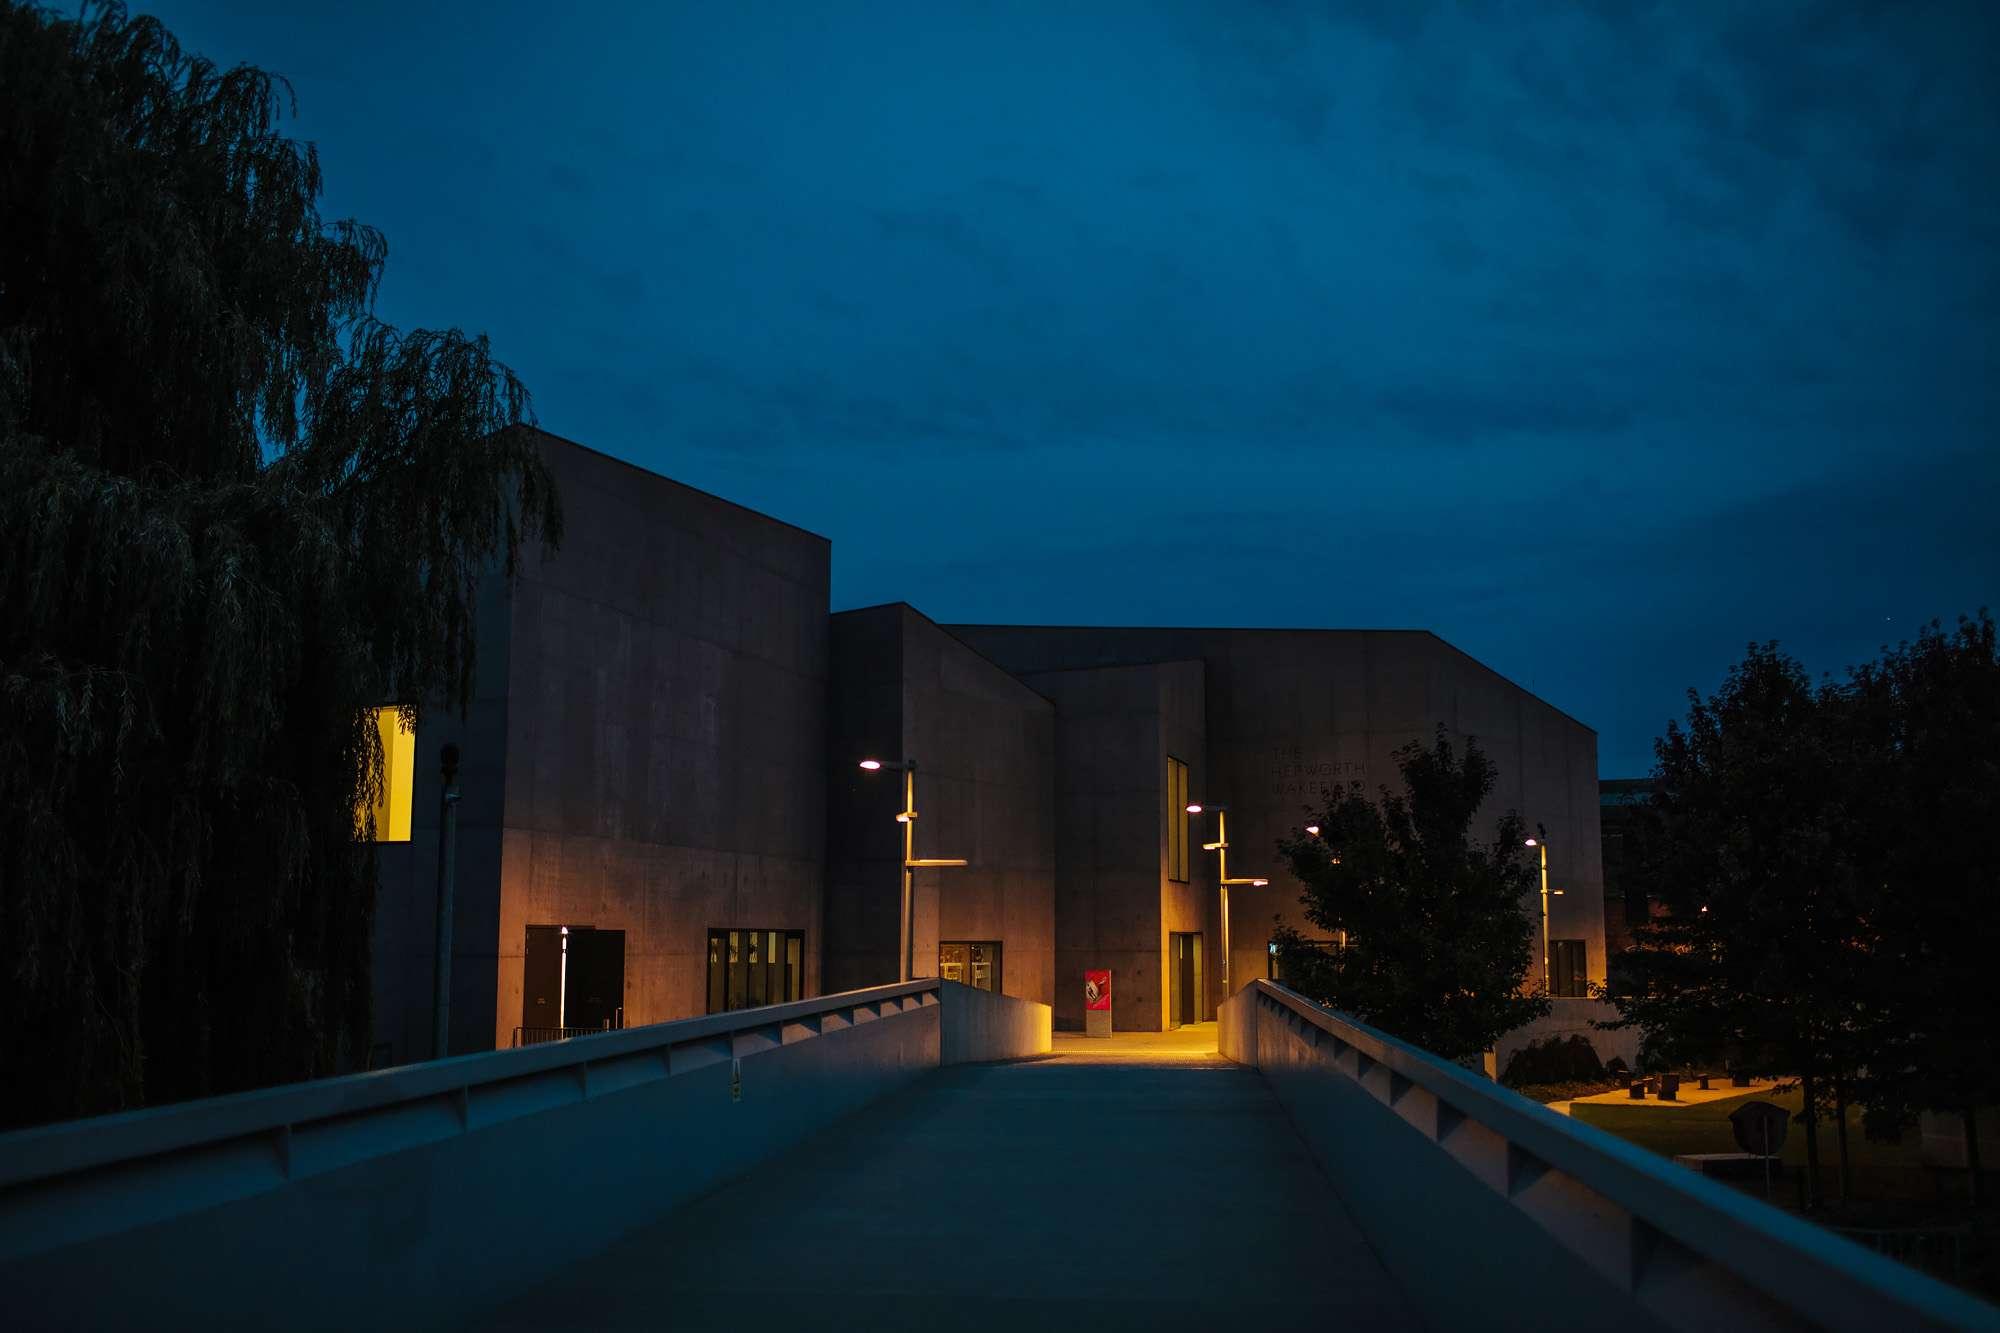 Evening shot of Hepworth Art Gallery in Wakefield